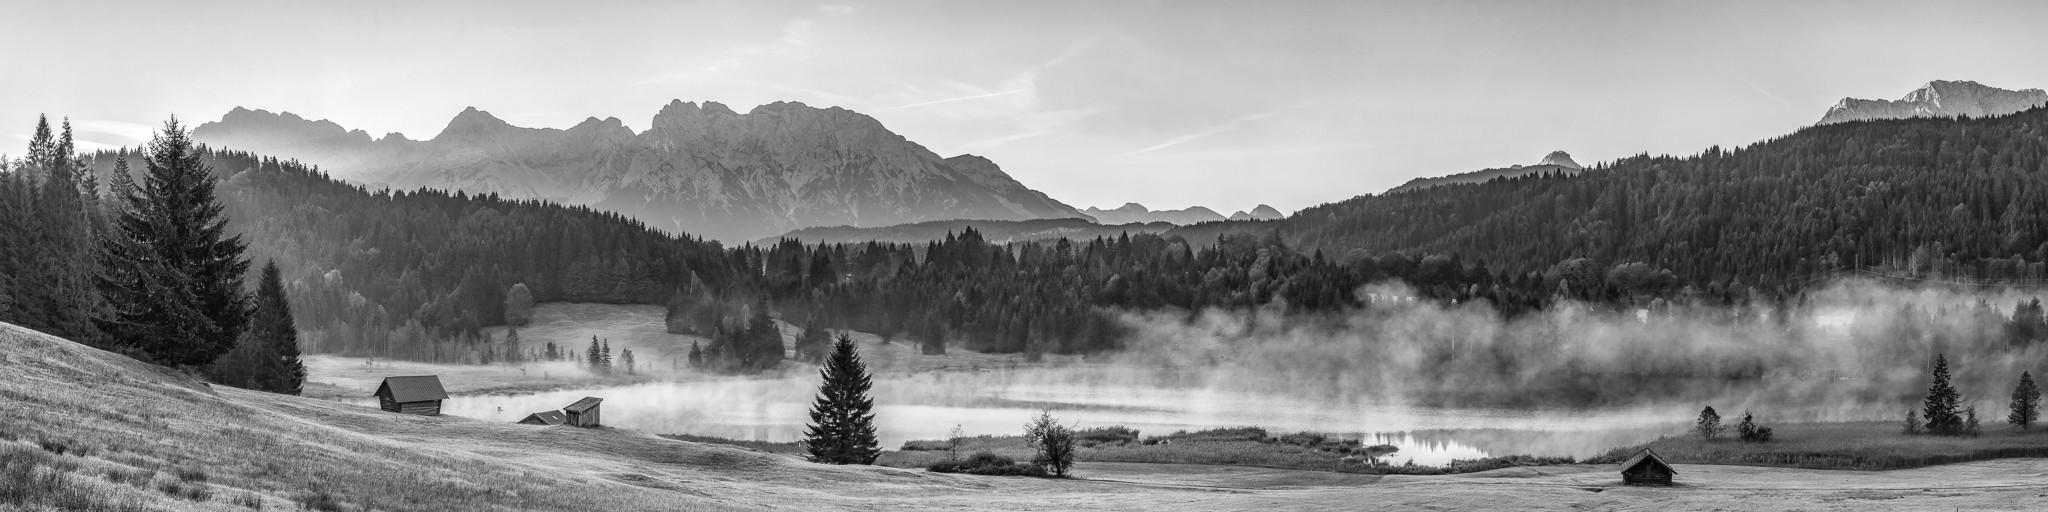 Morgendunst am Geroldsee schwarz-weiß - Blick zum Karwendel